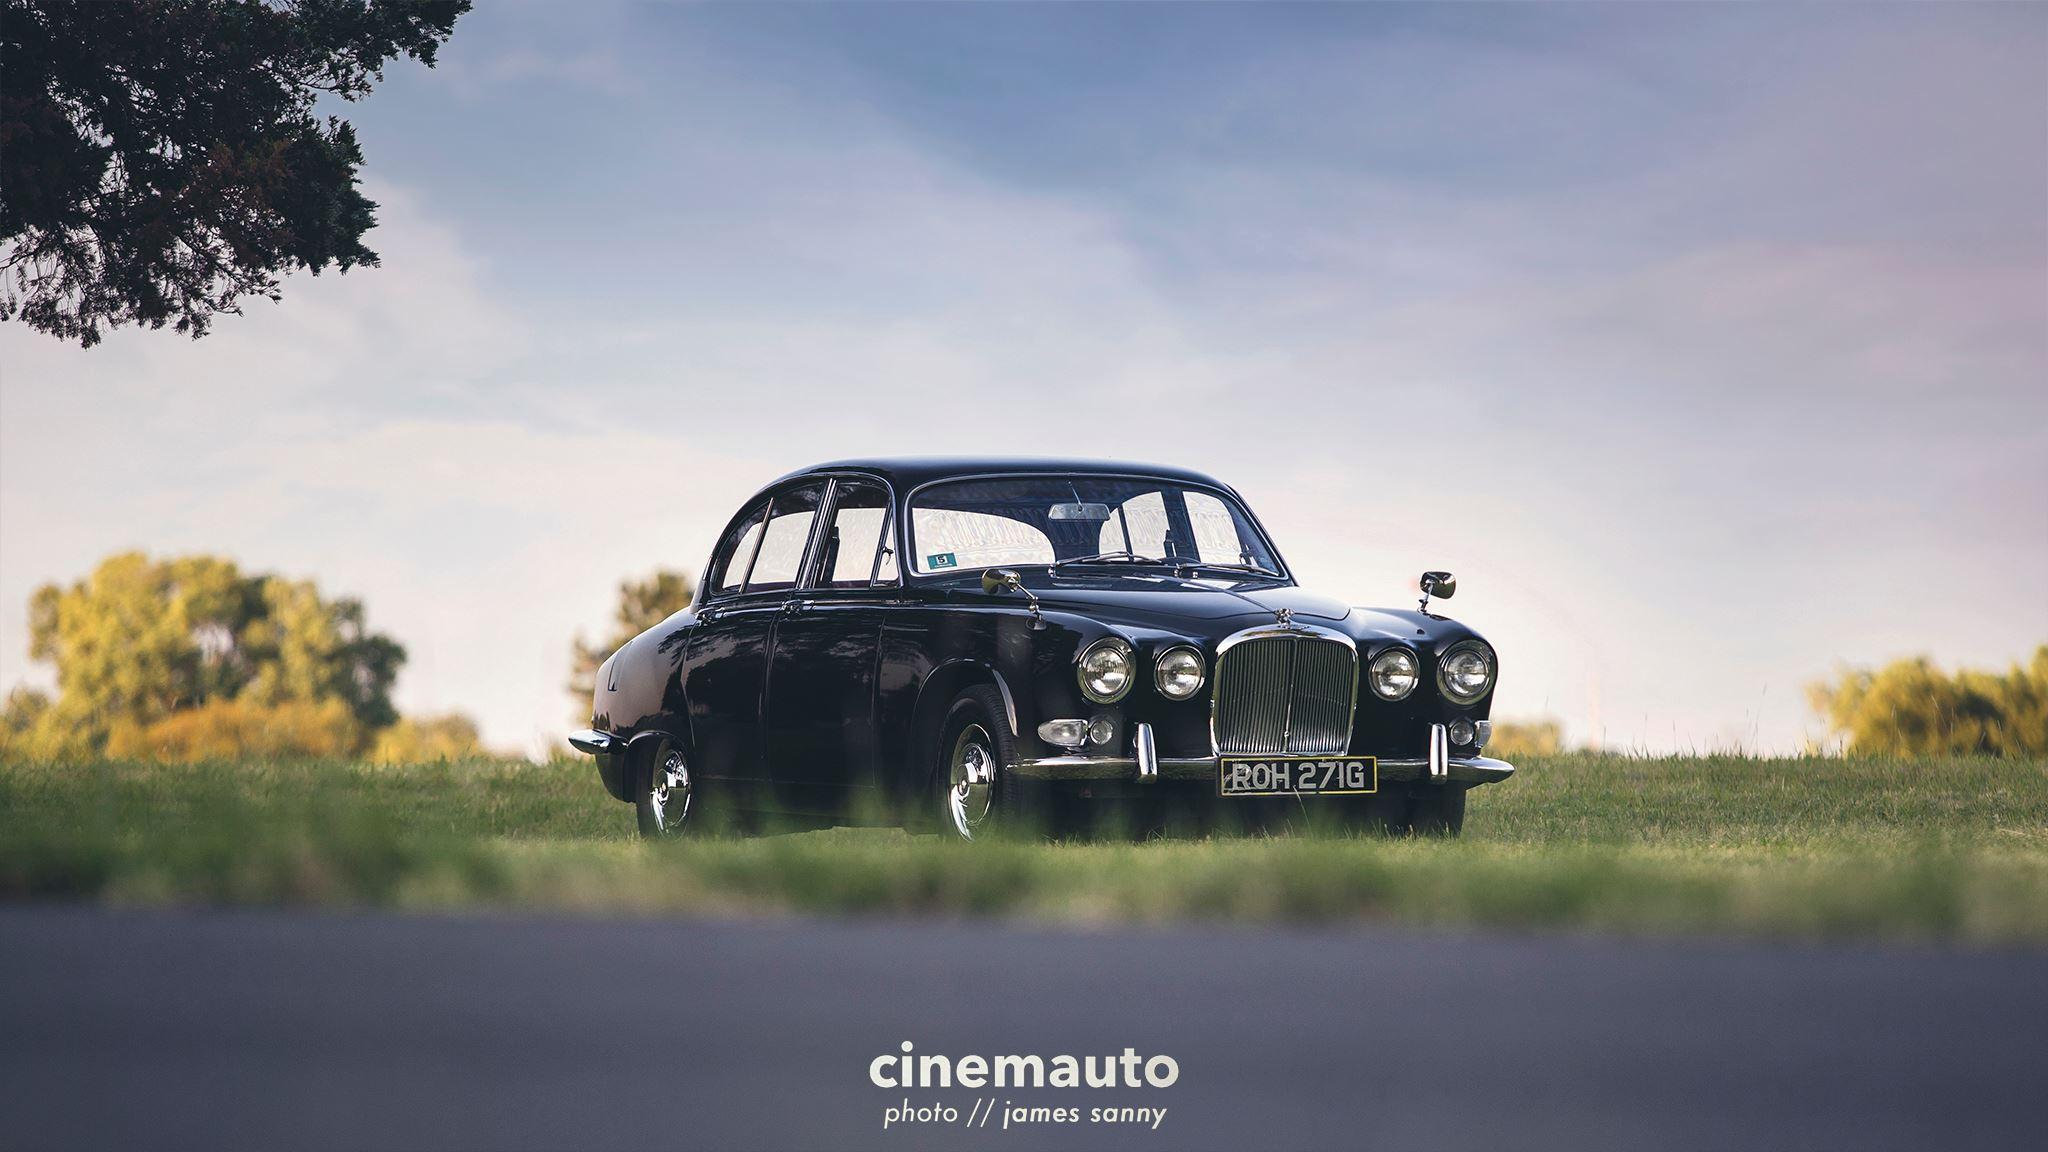 wichita-automotive-photographers-js2.jpg